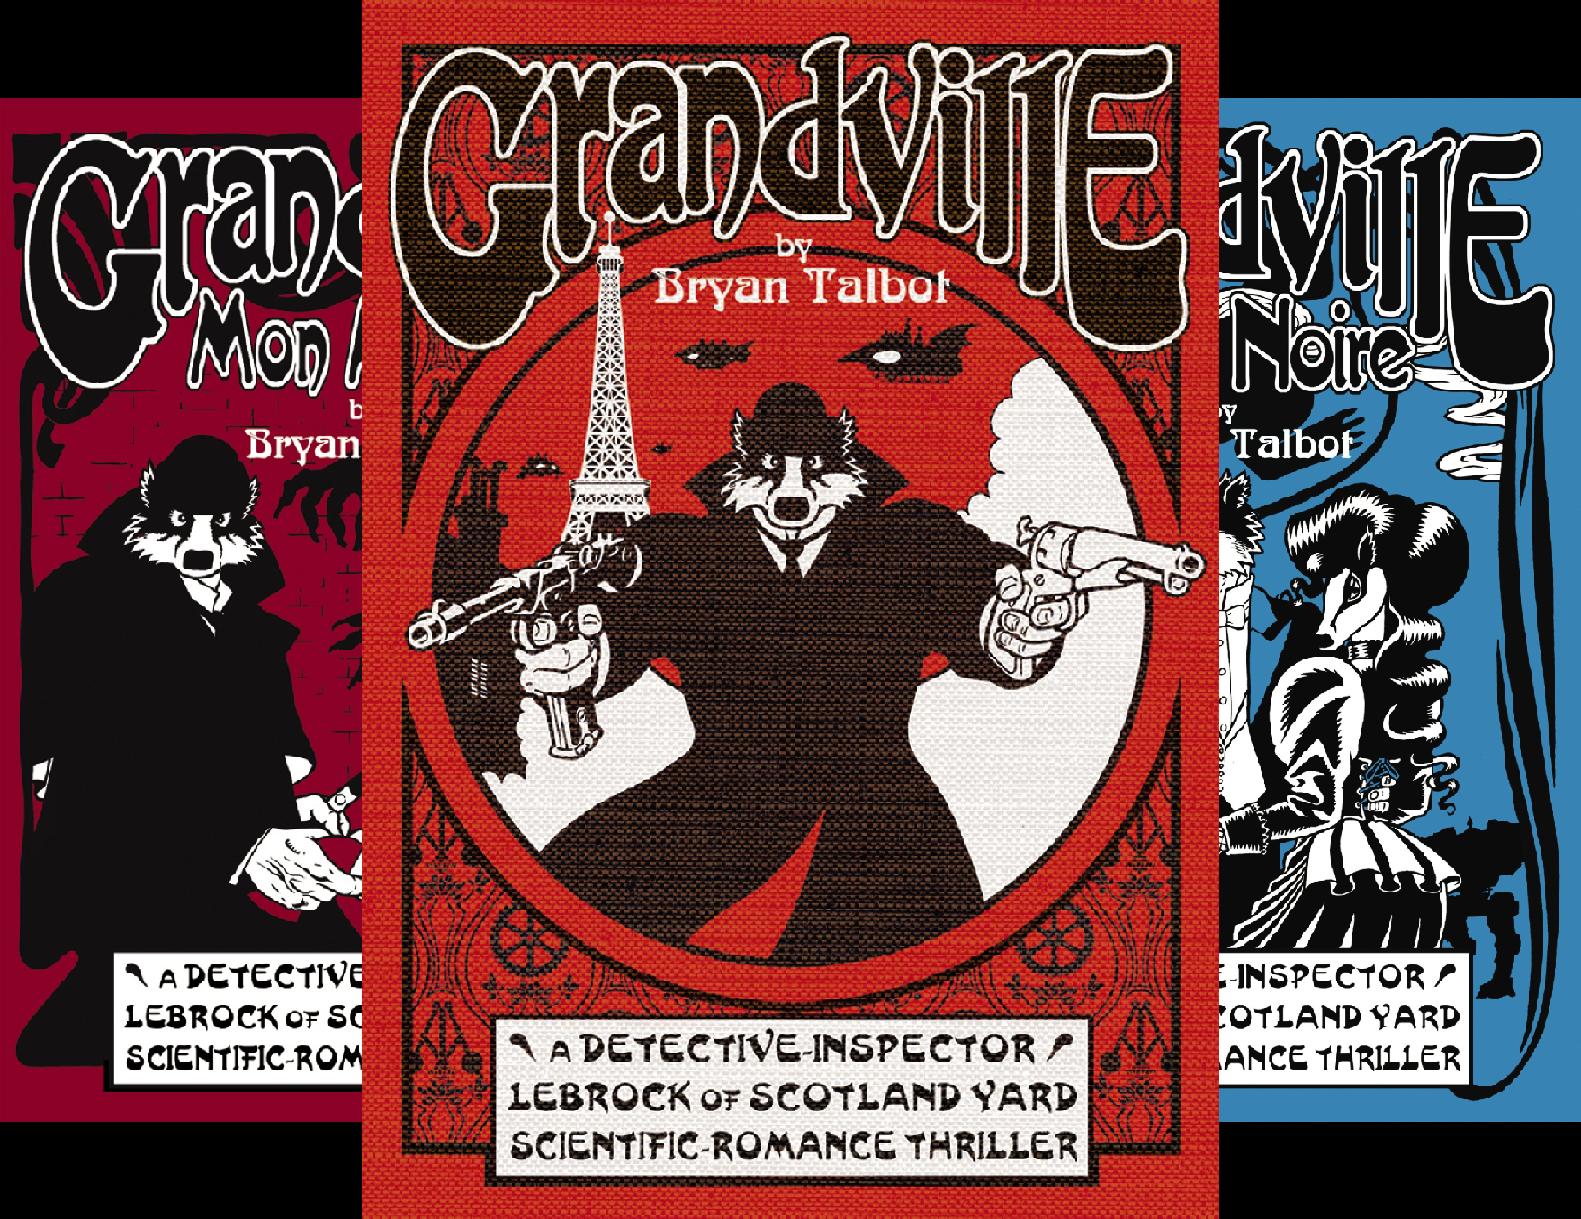 Erotica Comics & Graphic Novels by Genre